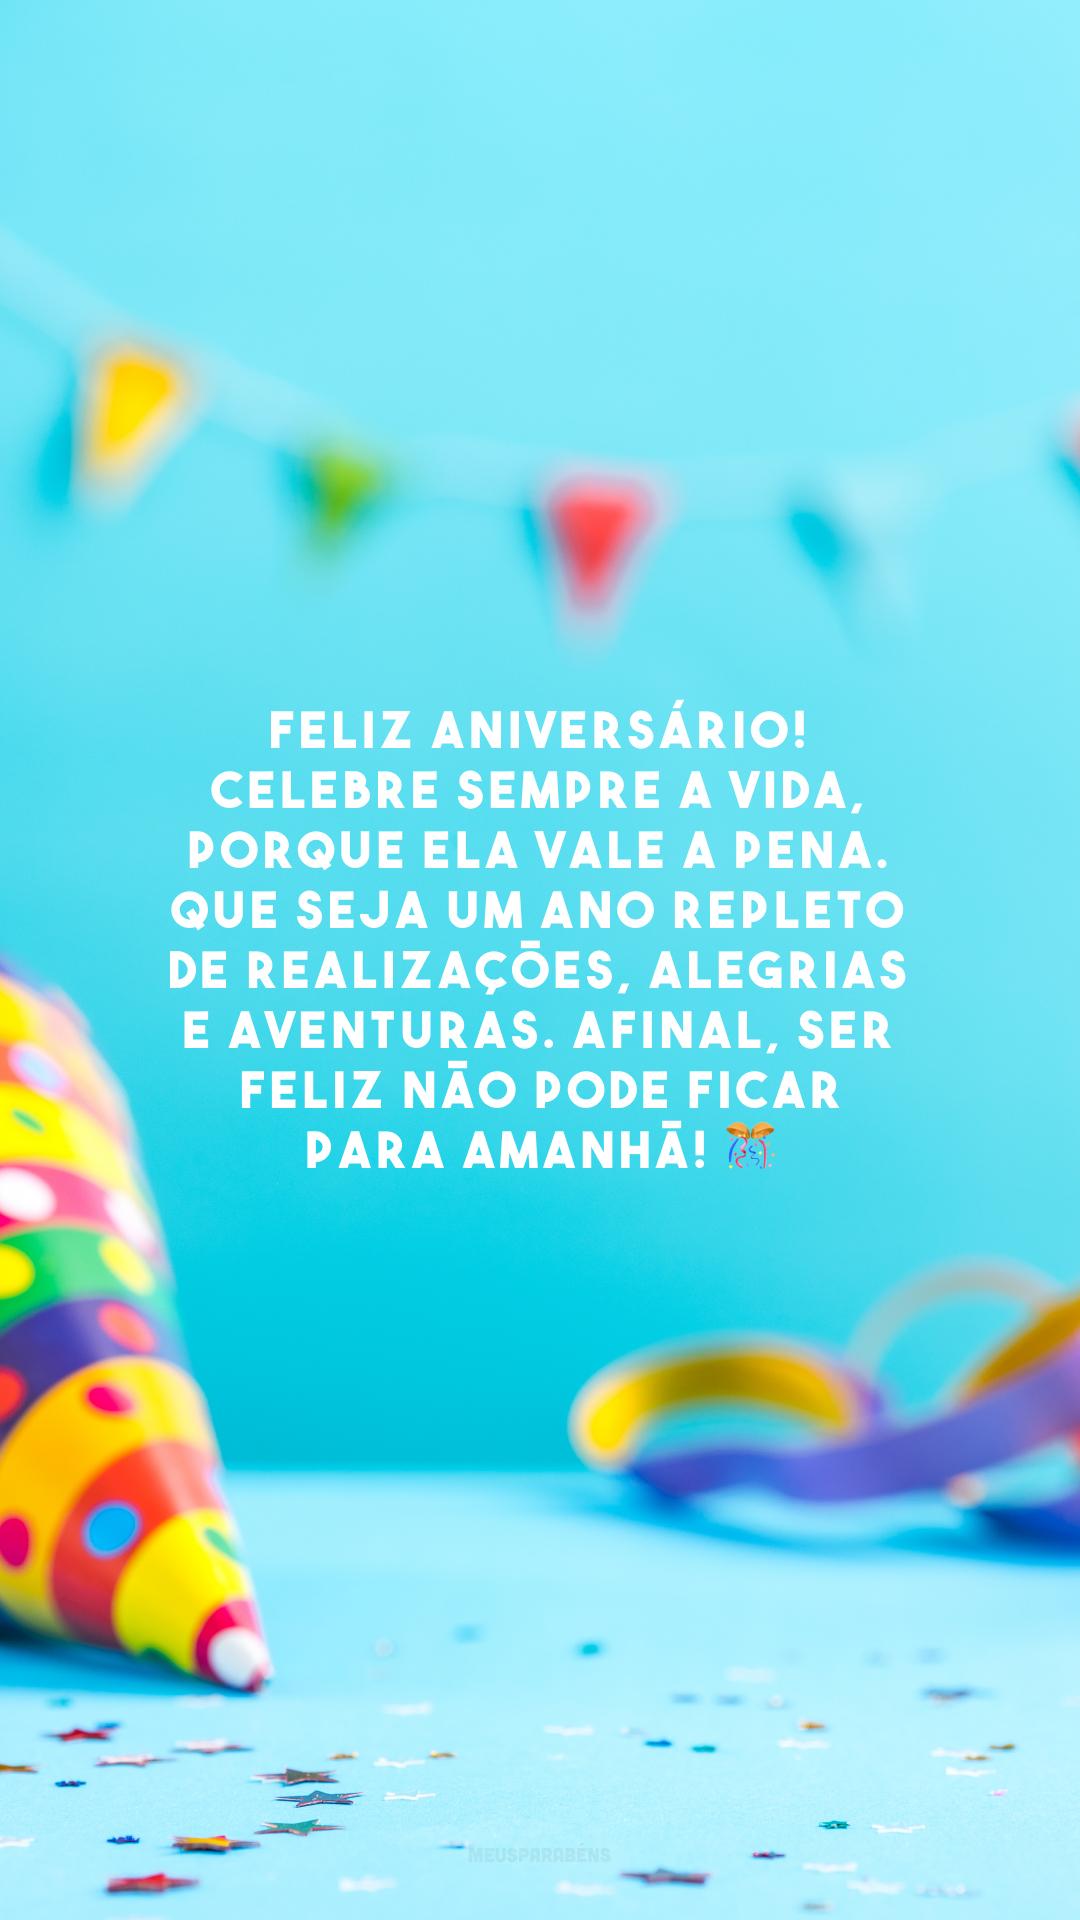 Feliz aniversário! Celebre sempre a vida, porque ela vale a pena. Que seja um ano repleto de realizações, alegrias e aventuras. Afinal, ser feliz não pode ficar para amanhã!